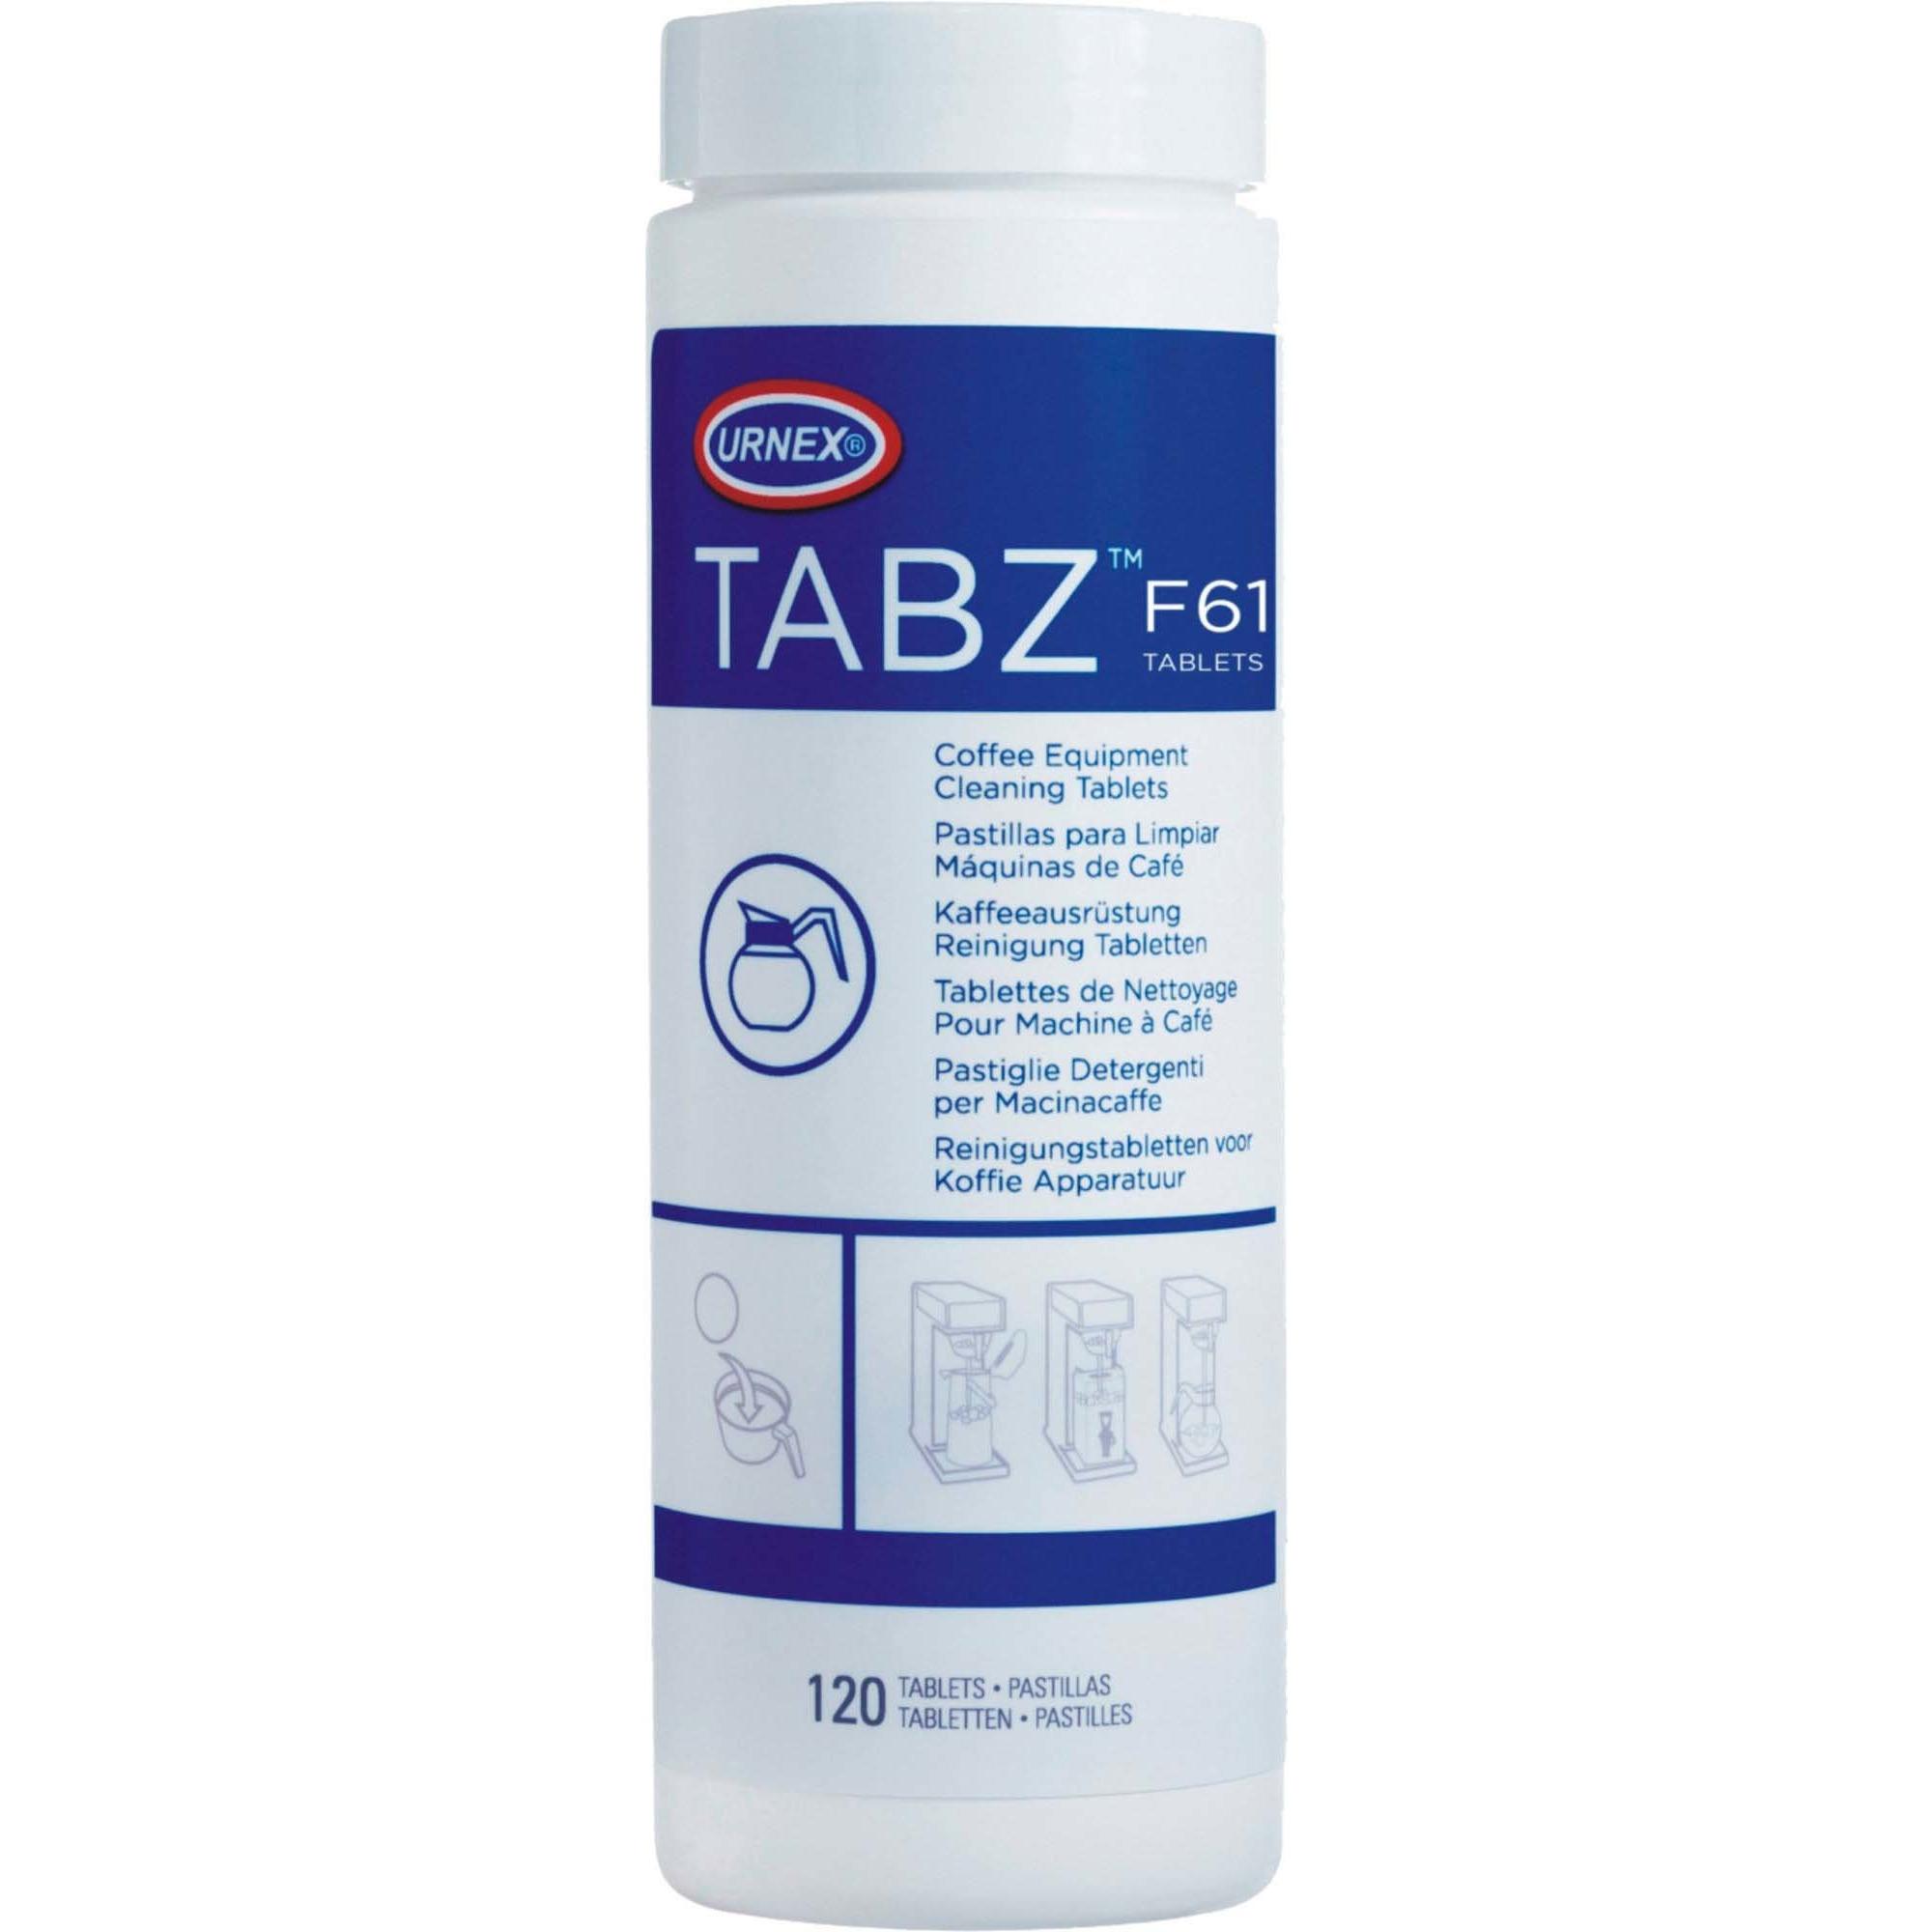 Urnex Tabz Filterkaffe Rengöringstabletter 4g 120 st